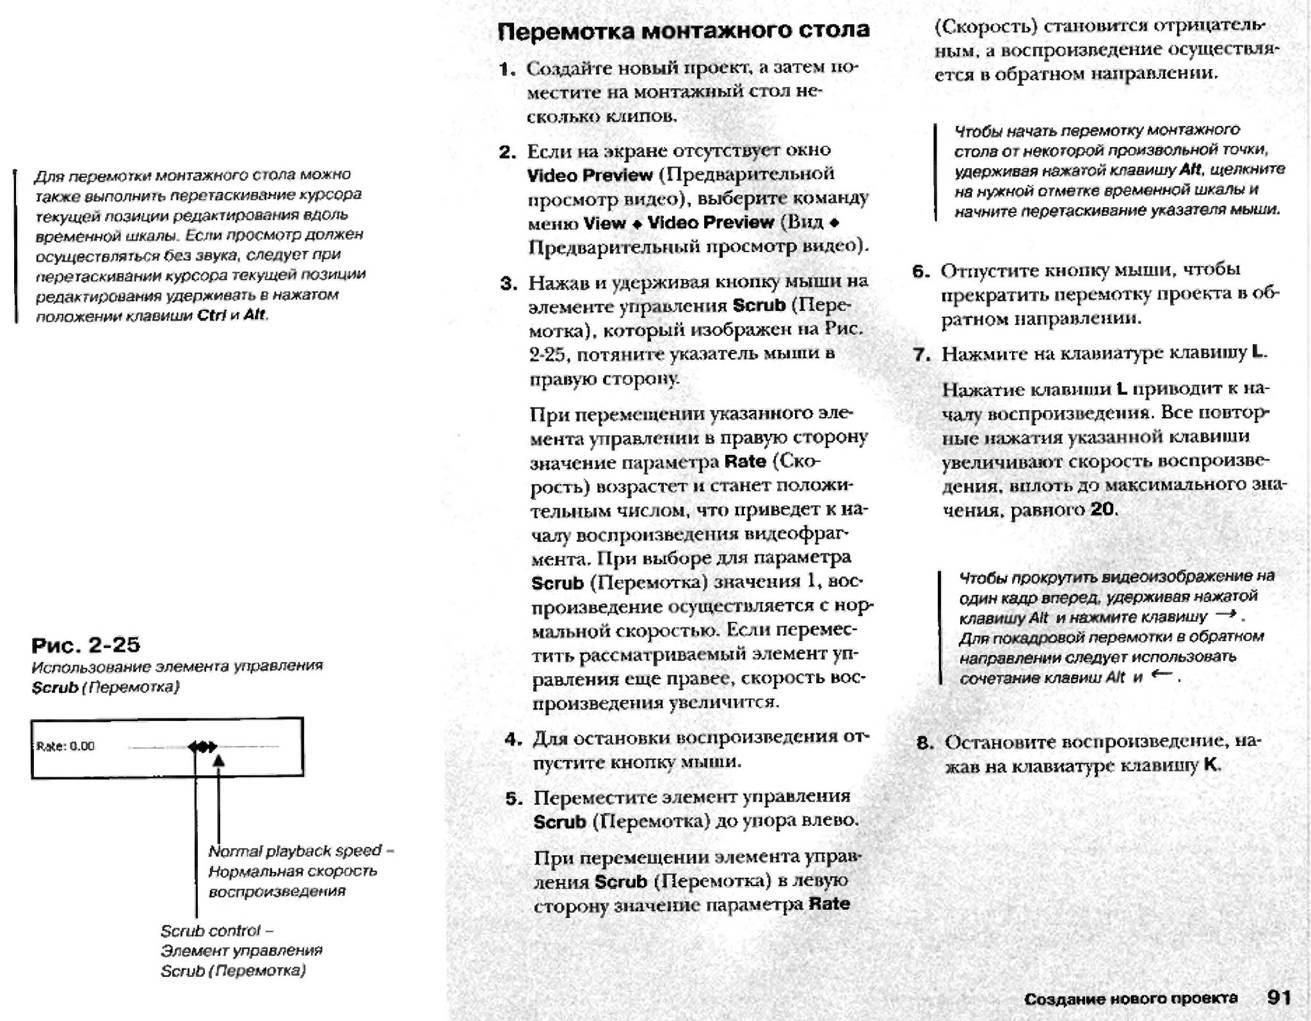 http://redaktori-uroki.3dn.ru/_ph/12/610393068.jpg